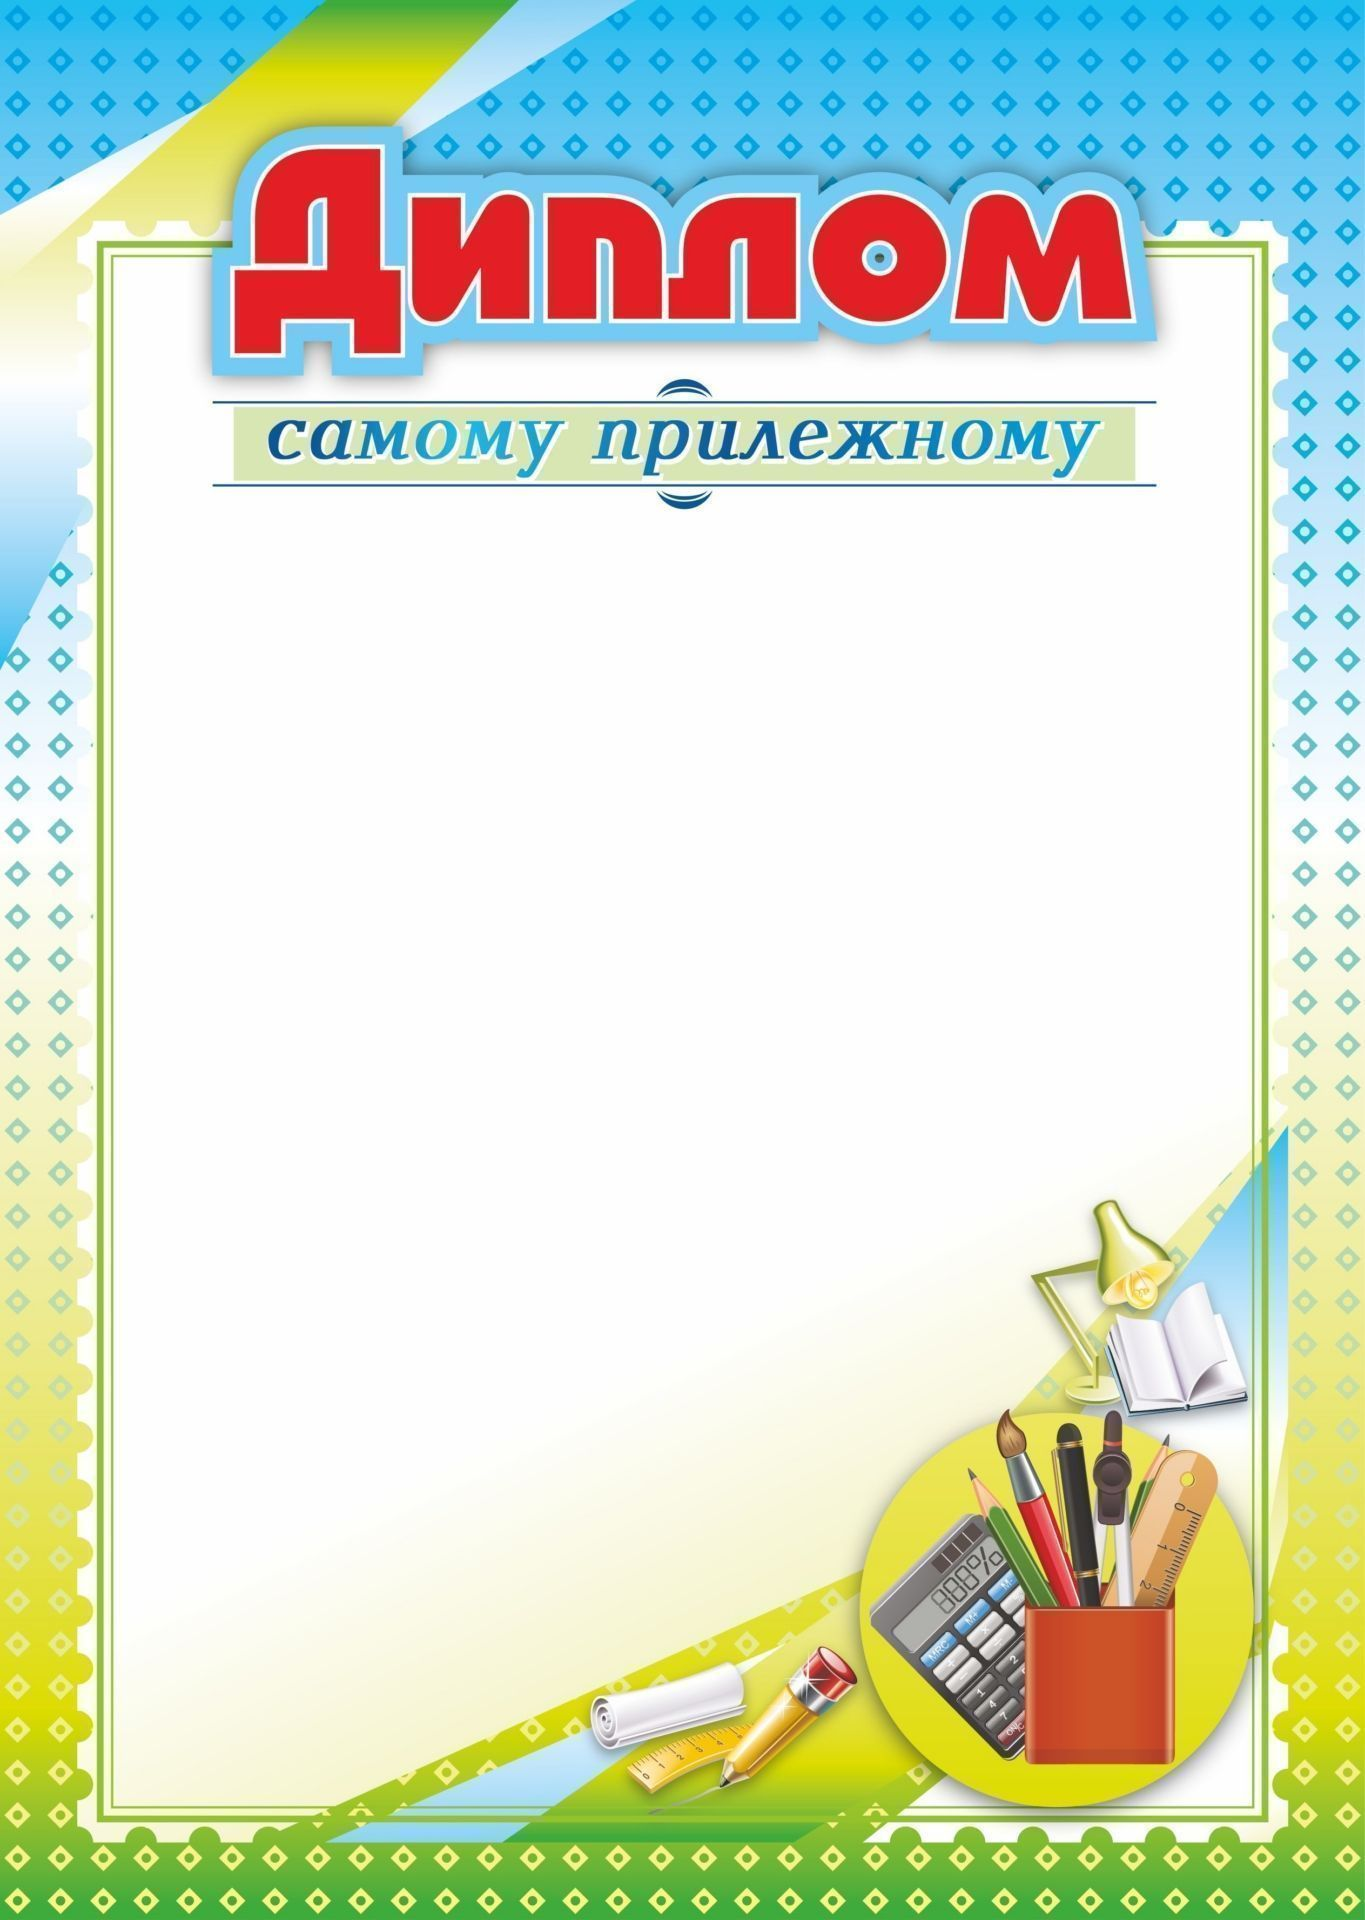 Диплом самому прилежномуОбщего назначения<br>Материалы:на обложку - бумага мелованная, пл. 250.00.<br><br>Год: 2017<br>Высота: 297<br>Ширина: 210